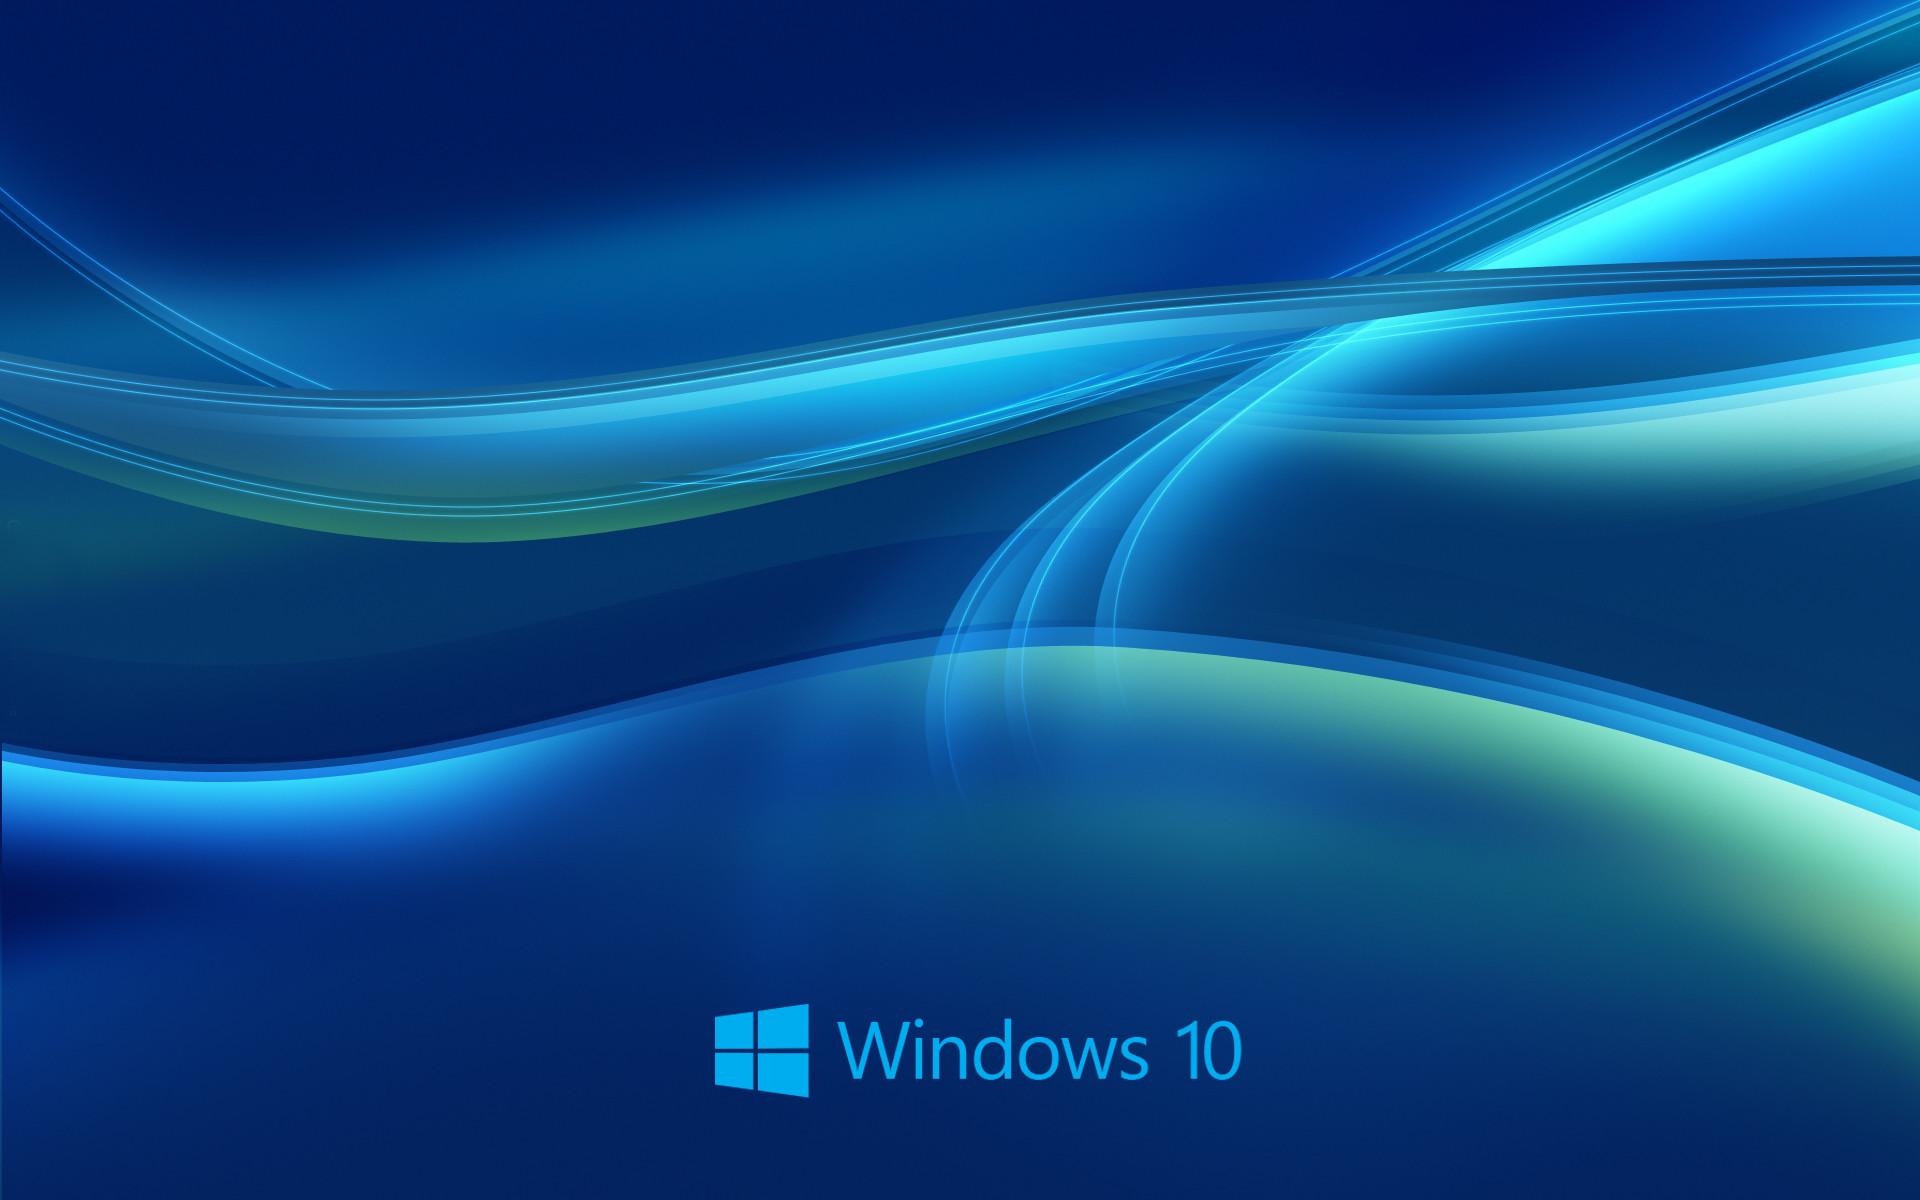 Sfondi desktop windows 10 temi